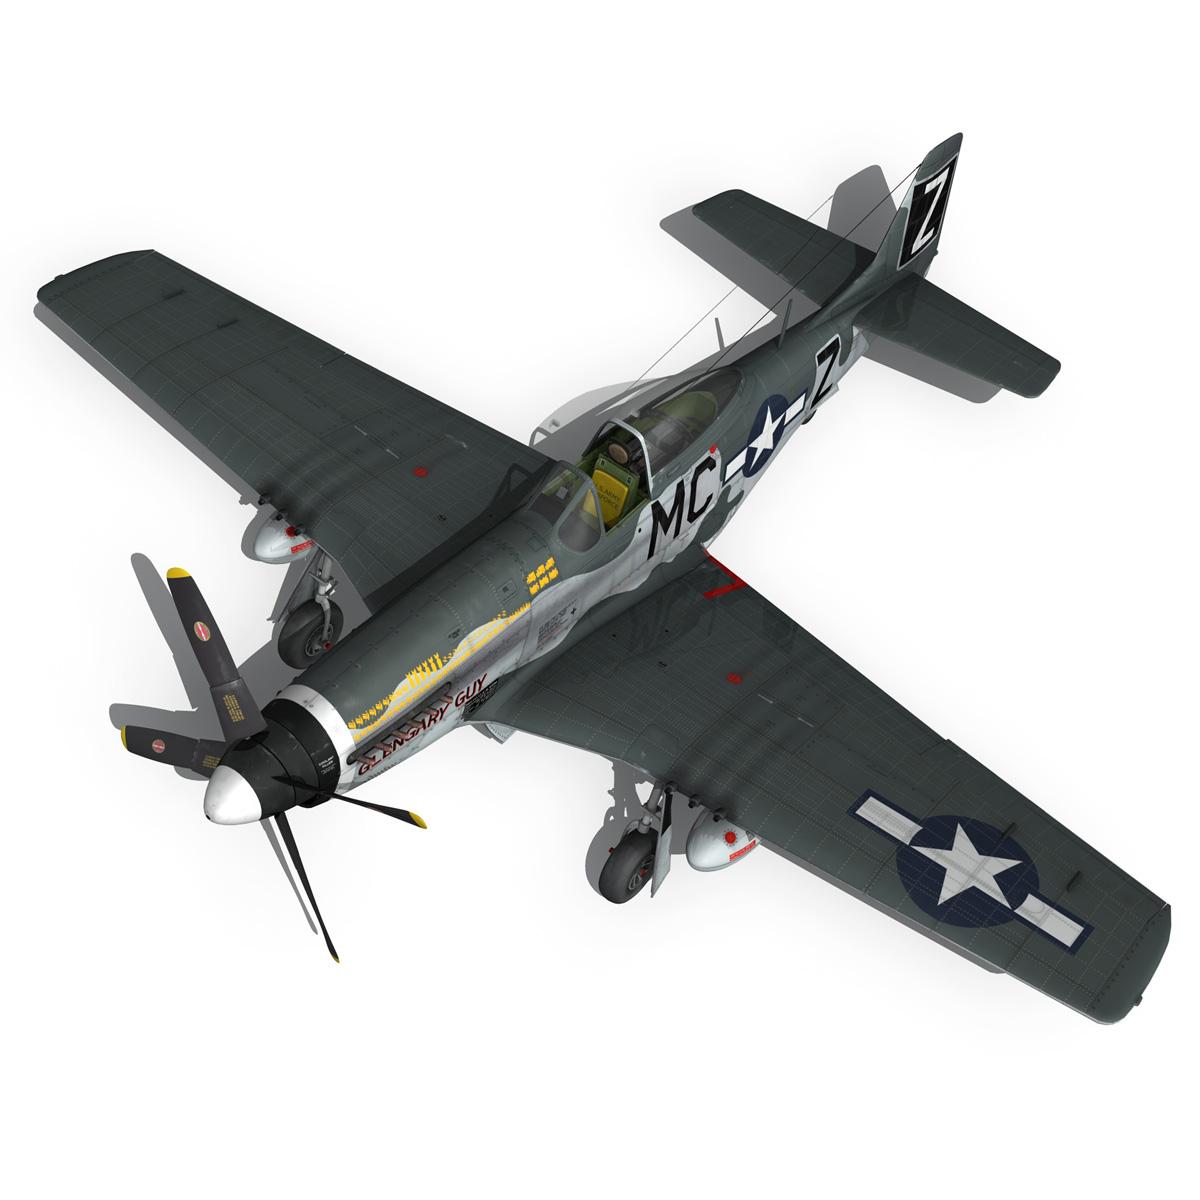 north american p-51d mustang – glengary guy 3d model fbx c4d lwo obj 267529